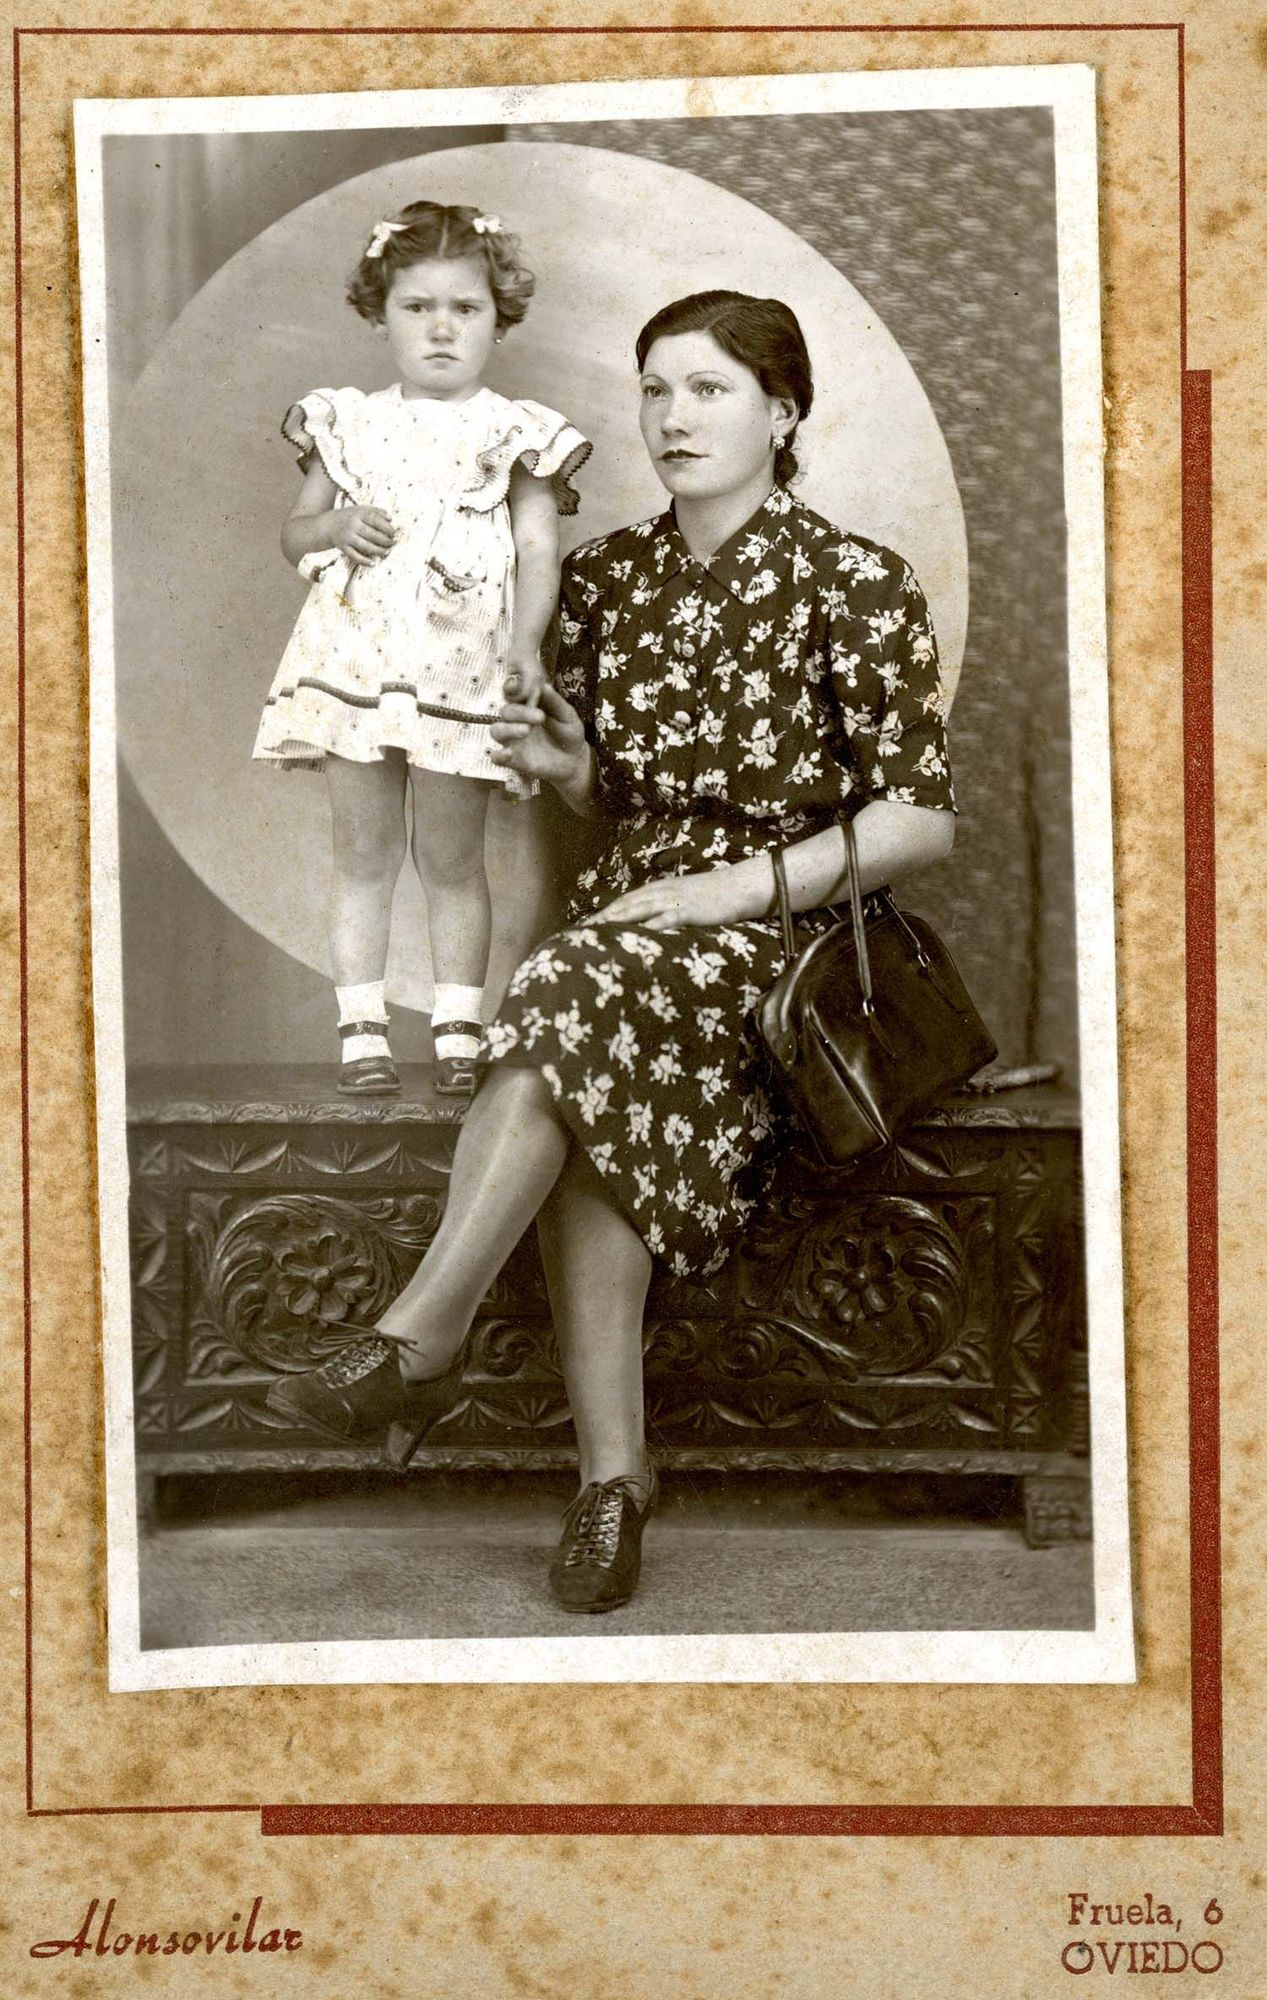 Alonsovilar (Oviedo). Retrato de estudio, h. 1950. | Donación de Pedro Pardo